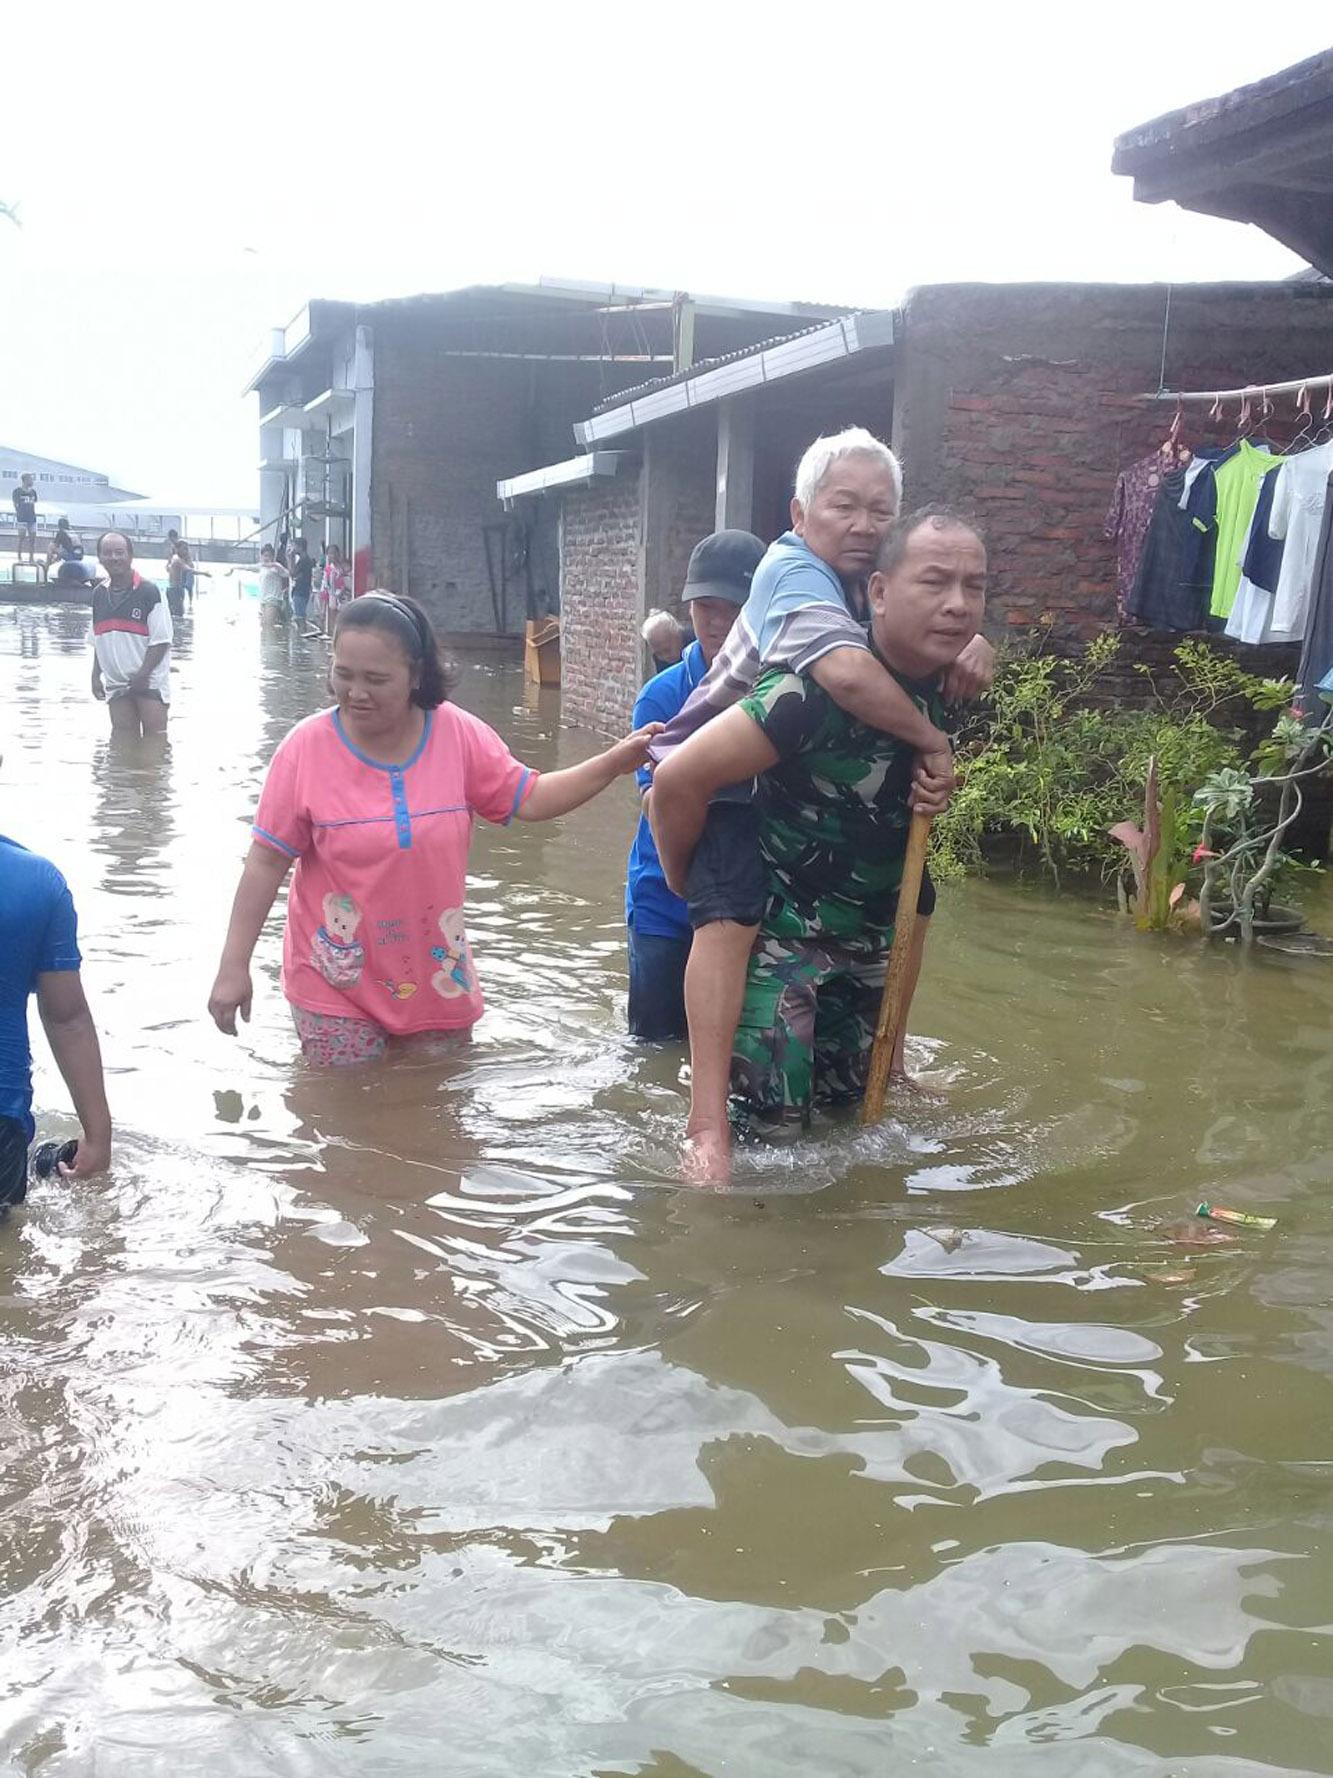 Inilah Cerita Babinsa Gendong Mbah Darkum Saat Evakuasi Bencana Banjir Sayung